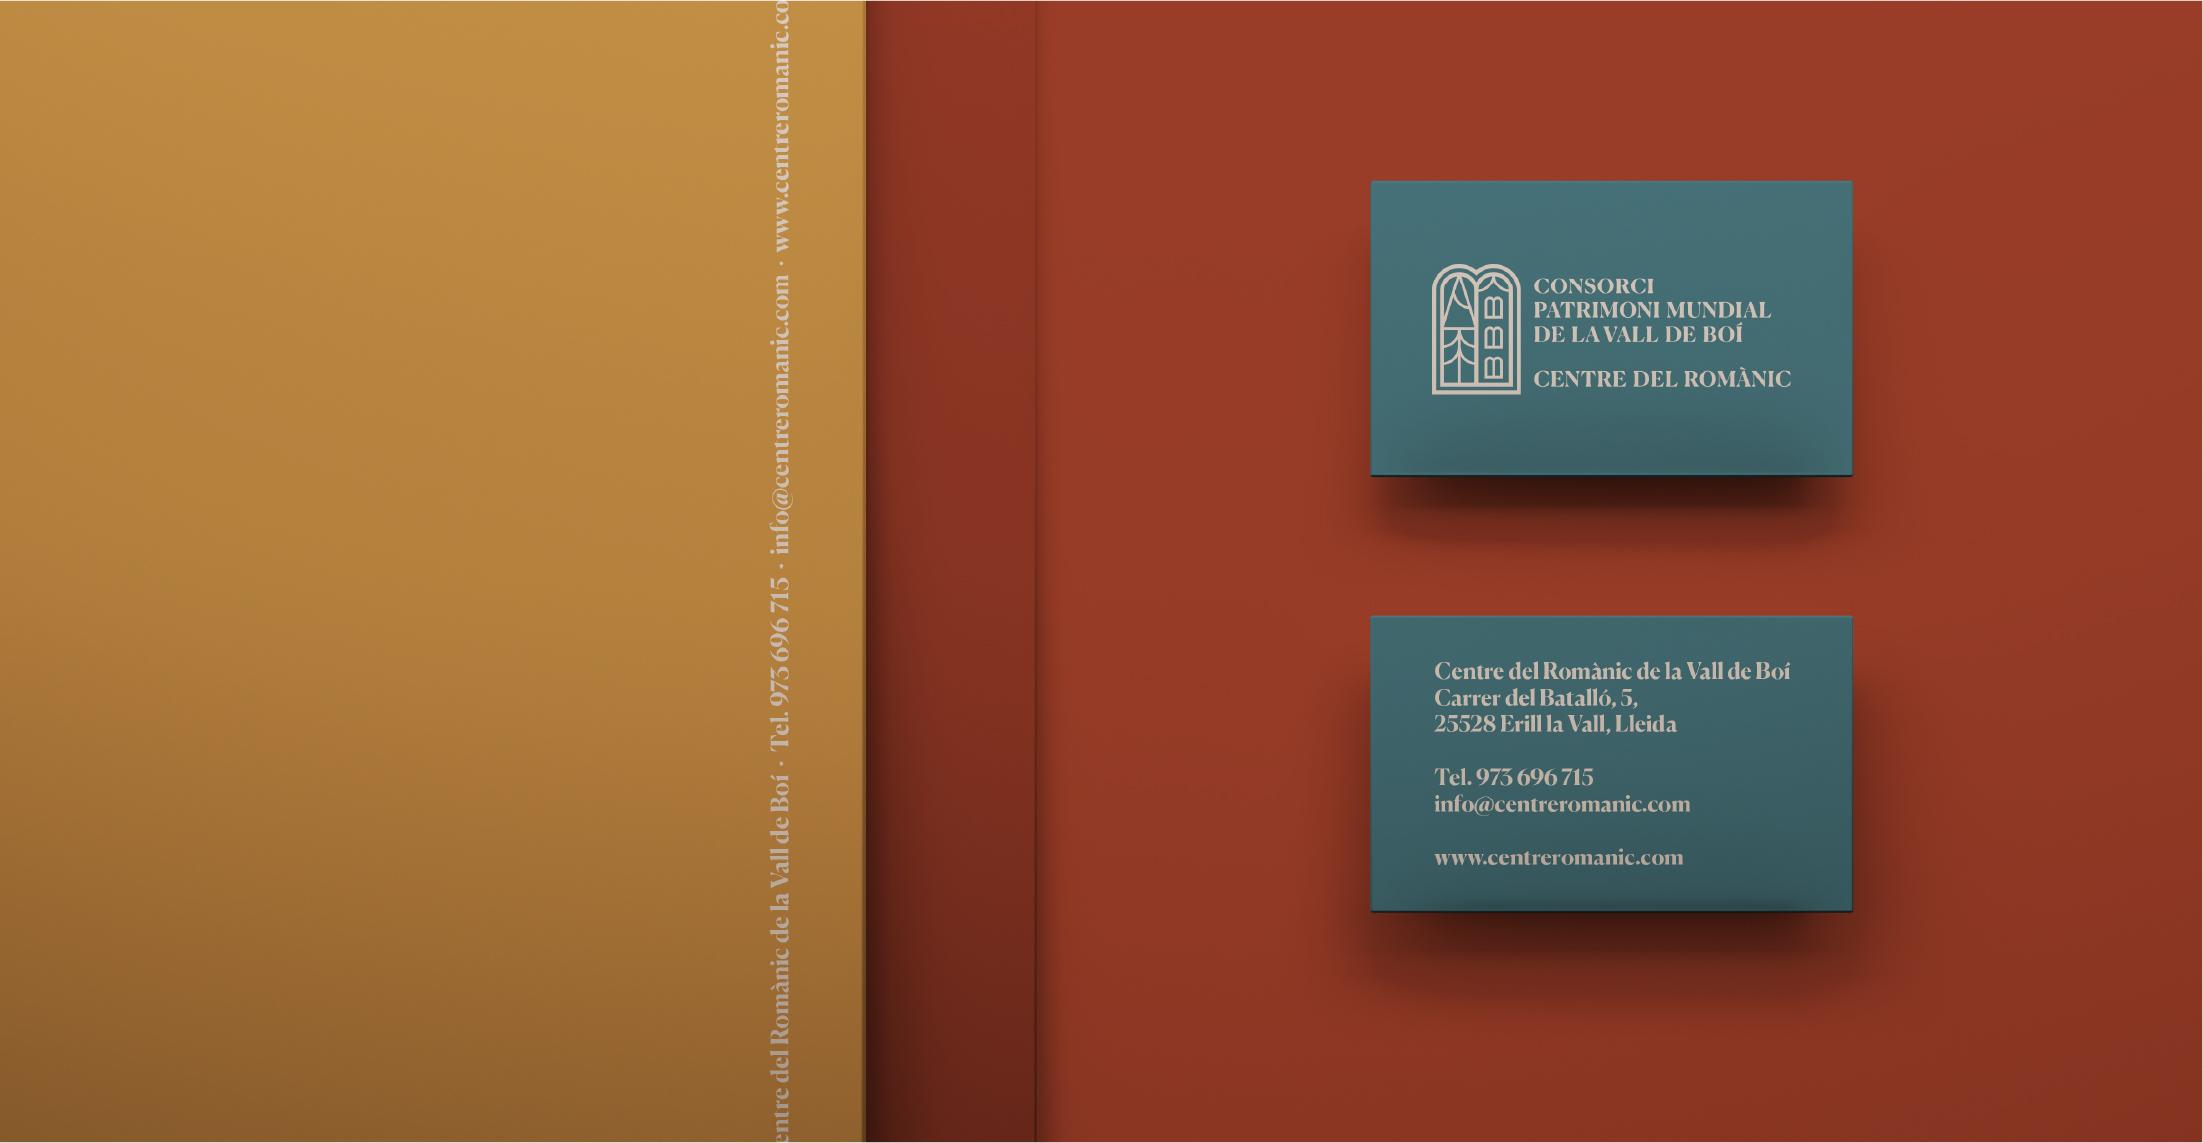 Centre-del-Romanic_Consorci-Patrimoni-Munidal-Vall-de-Boi_2020_branding-Latipo-1